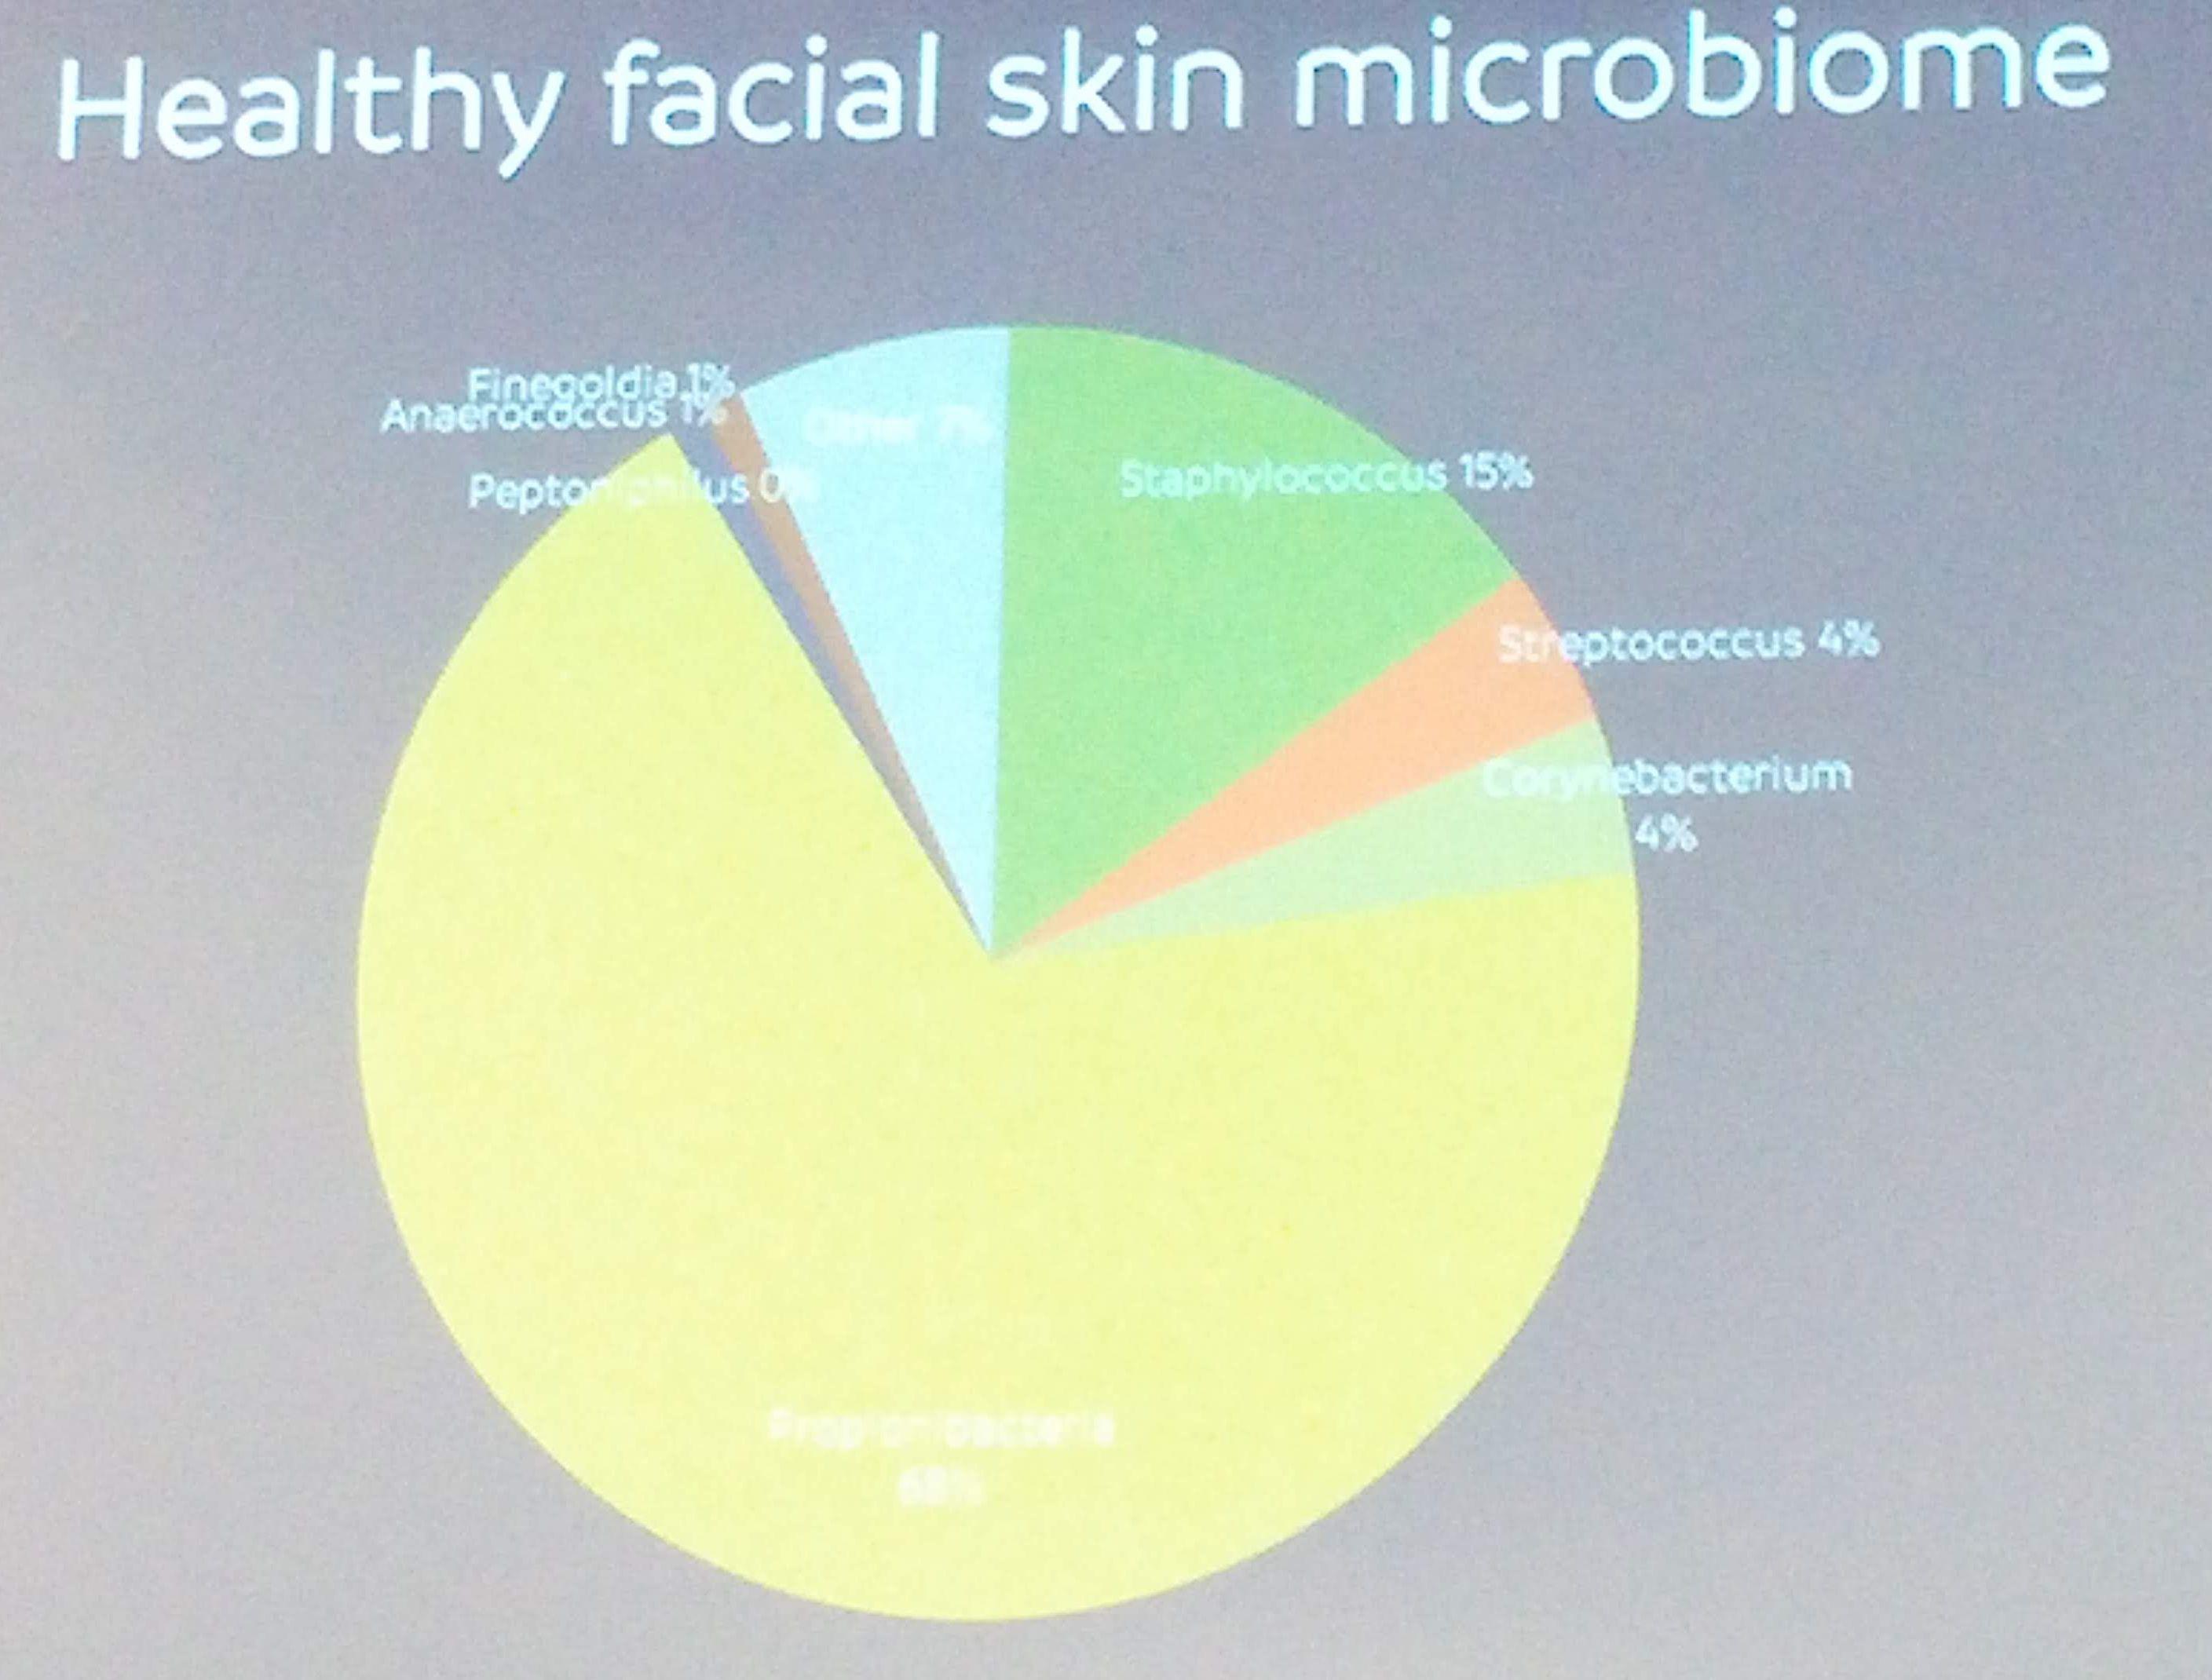 hud och kosmetik 2018 naturligt ekologiskt